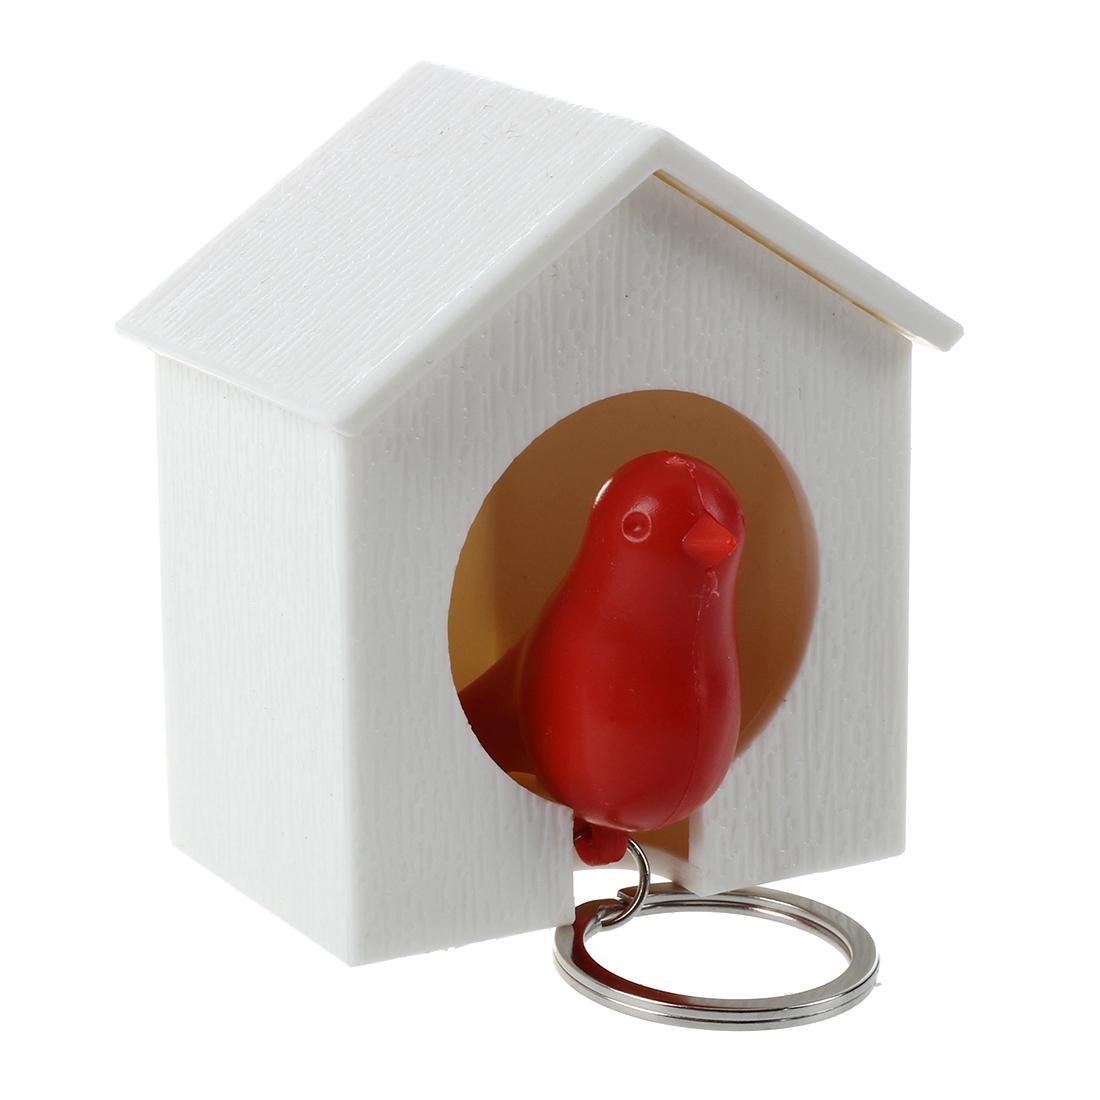 Sparrow bird house key holder whistler wall decor gift q7v1 for Mural key holder